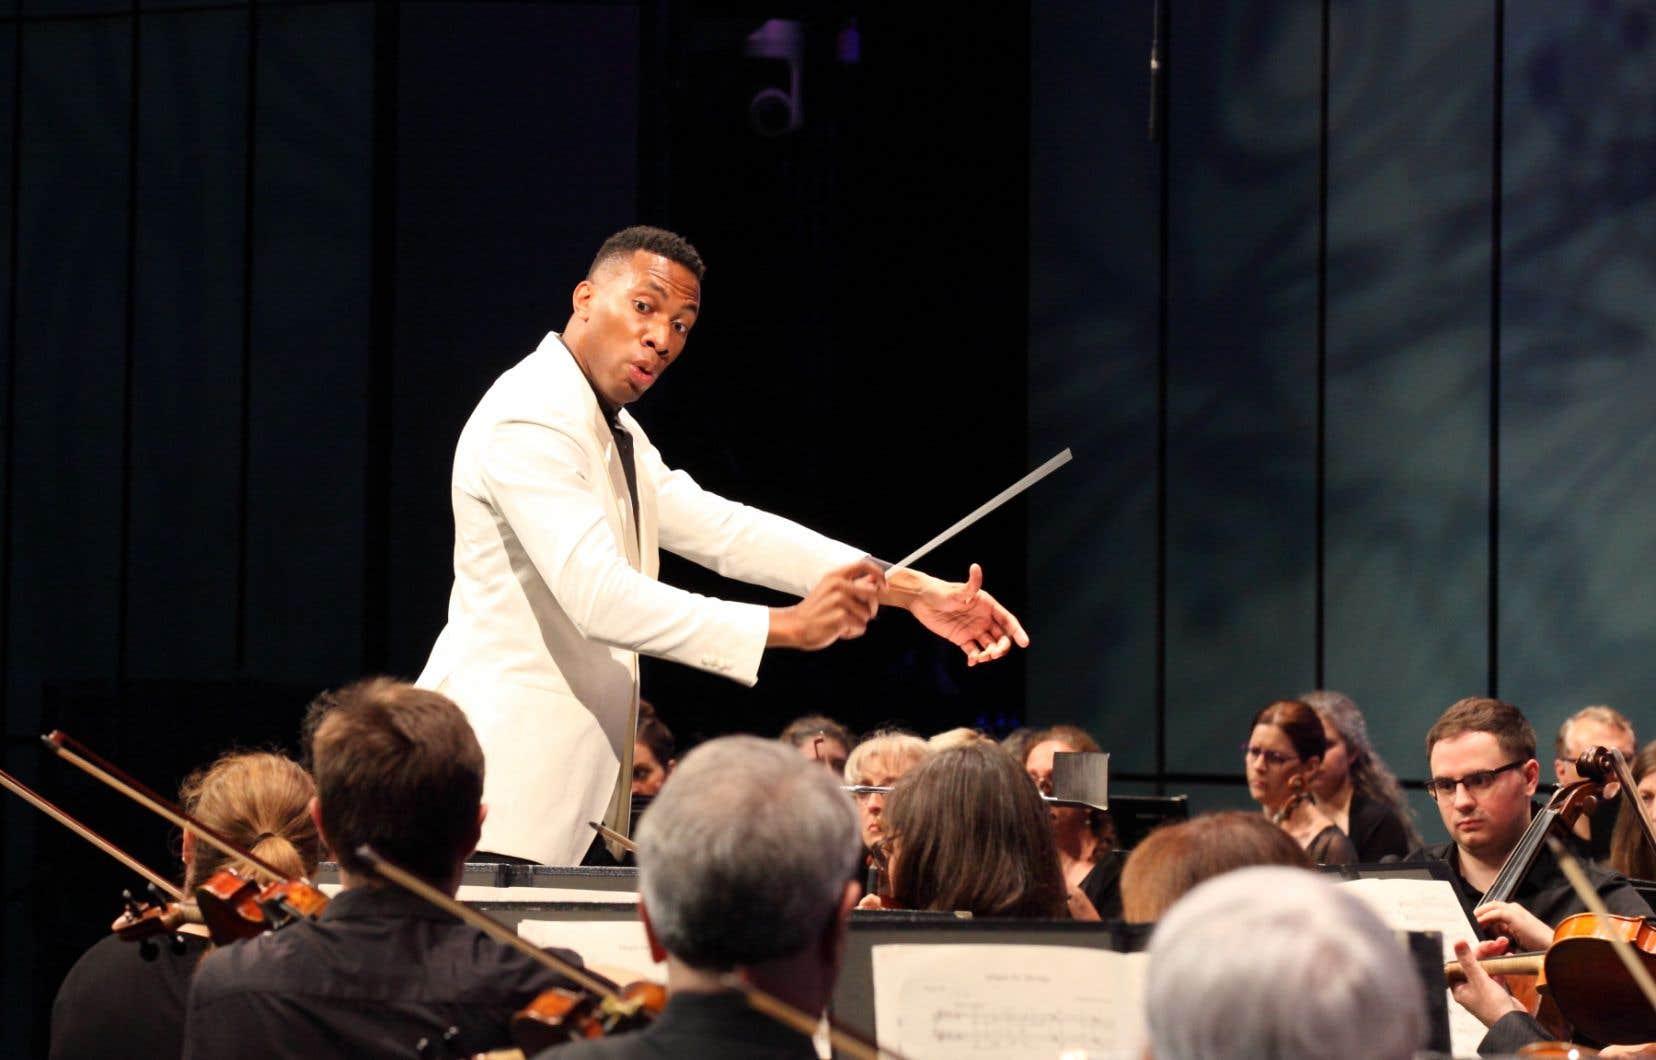 De la «2esymphonie de Rachmaninov», Roderick Cox a bien rendu l'architecture, interprété un mouvement lent de belle tenue, jamais sentimentalisant.